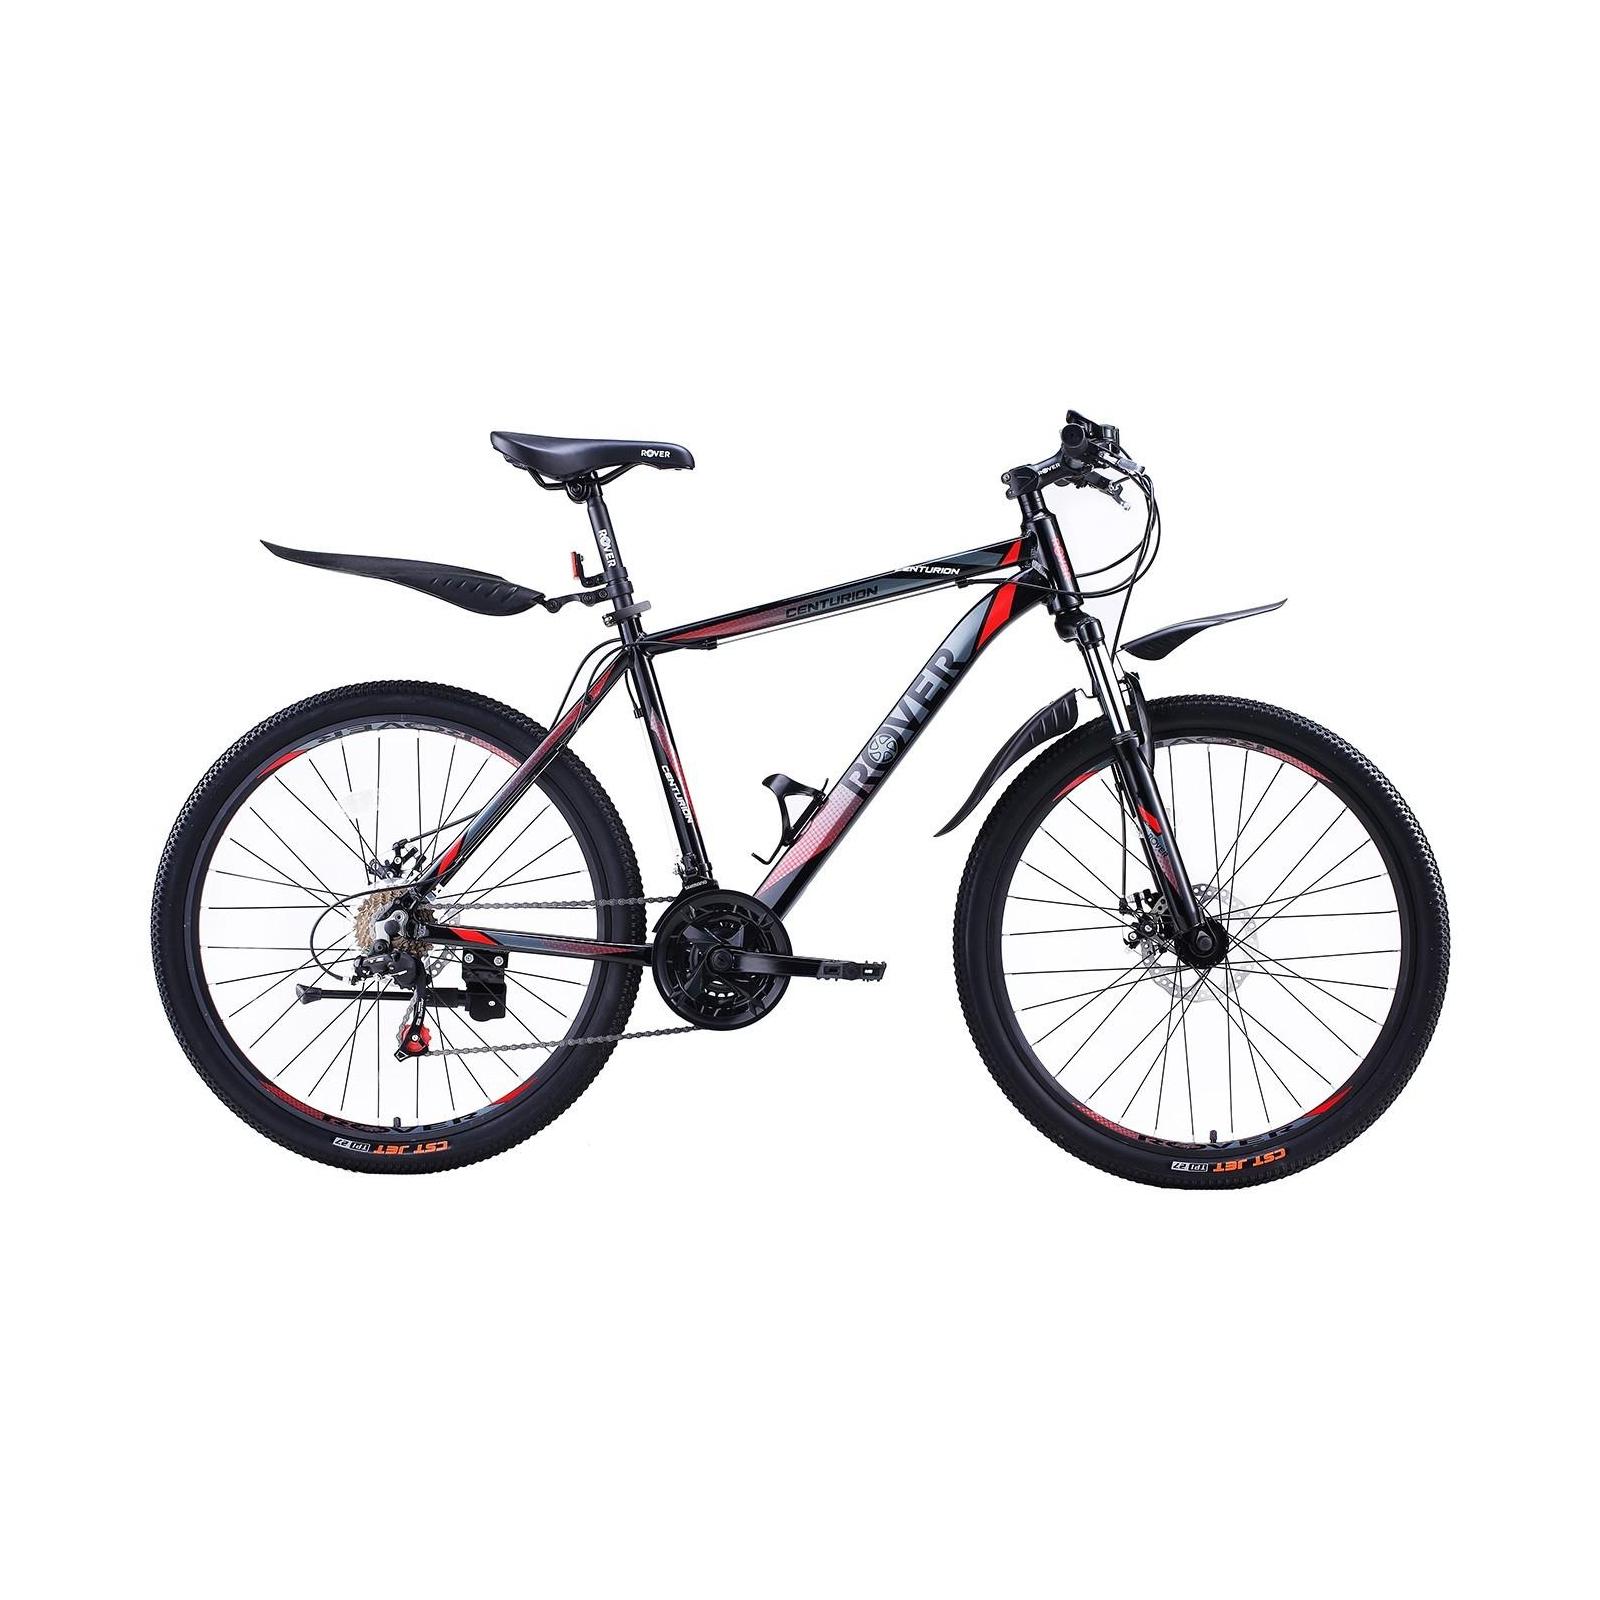 """Велосипед Rover Centurion 26"""" рама 19"""" Black/Grey Red 2018 (341316)"""